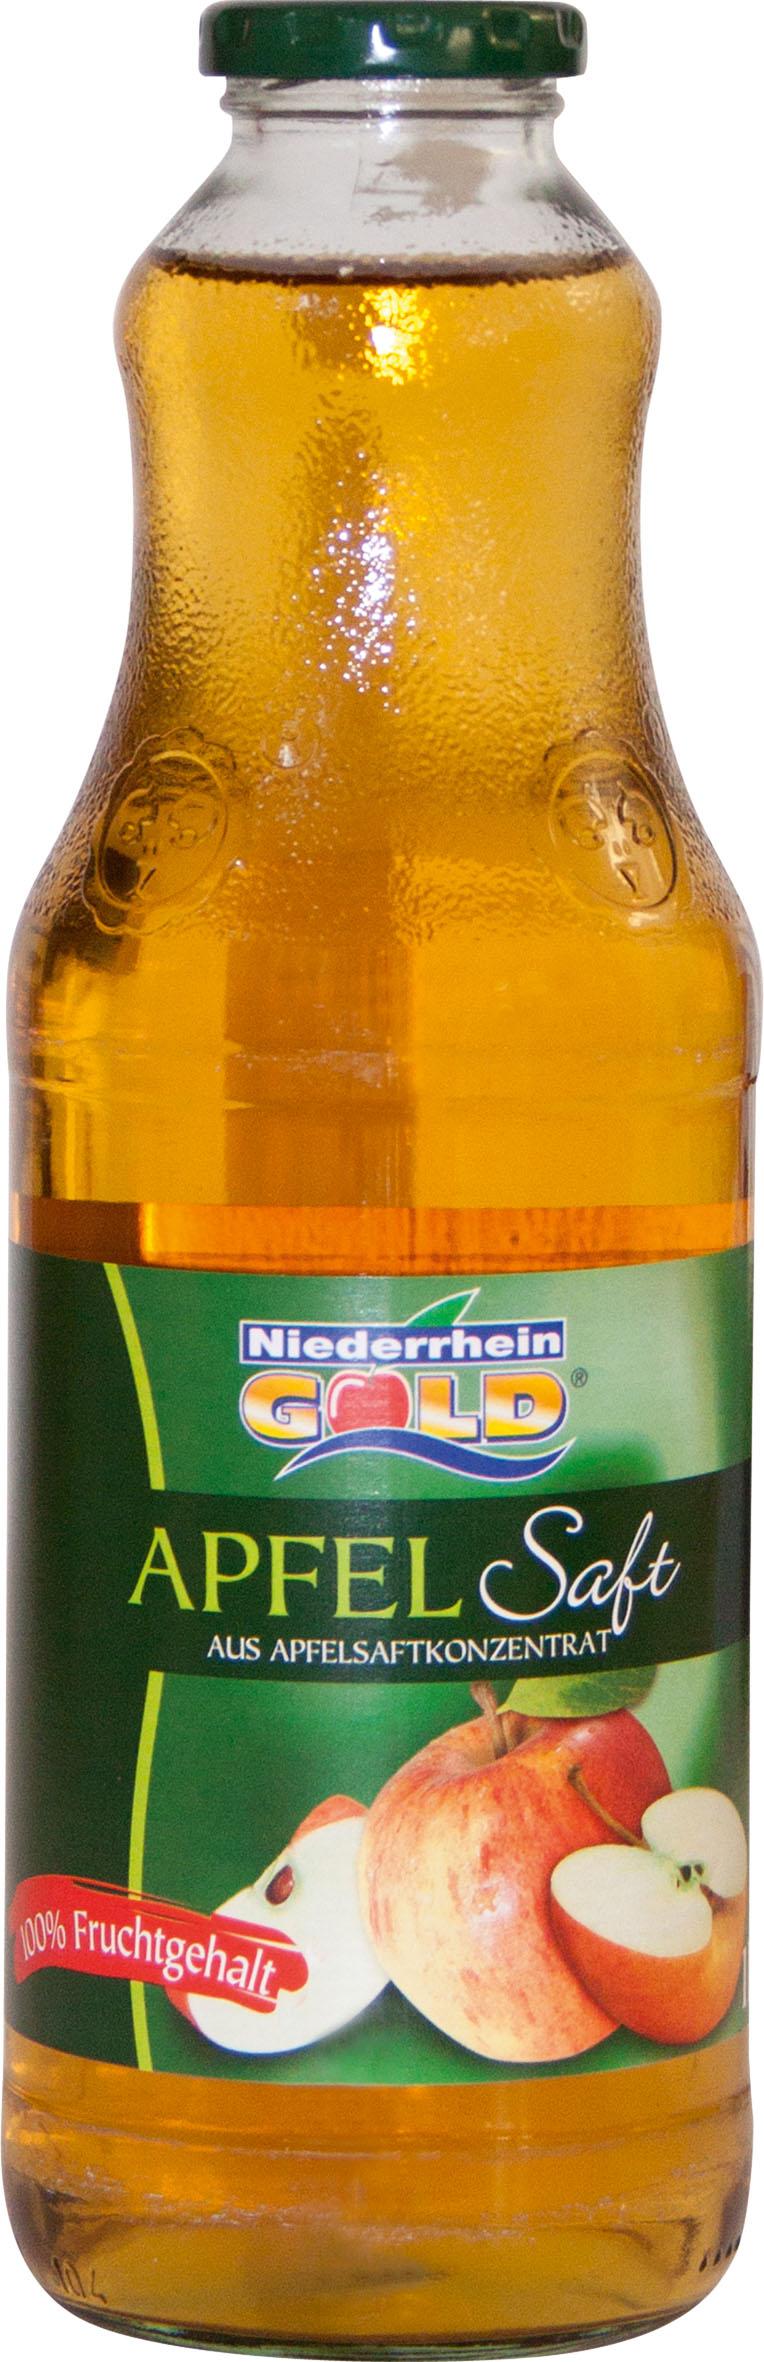 Niederrhein-Gold Apfelsaft